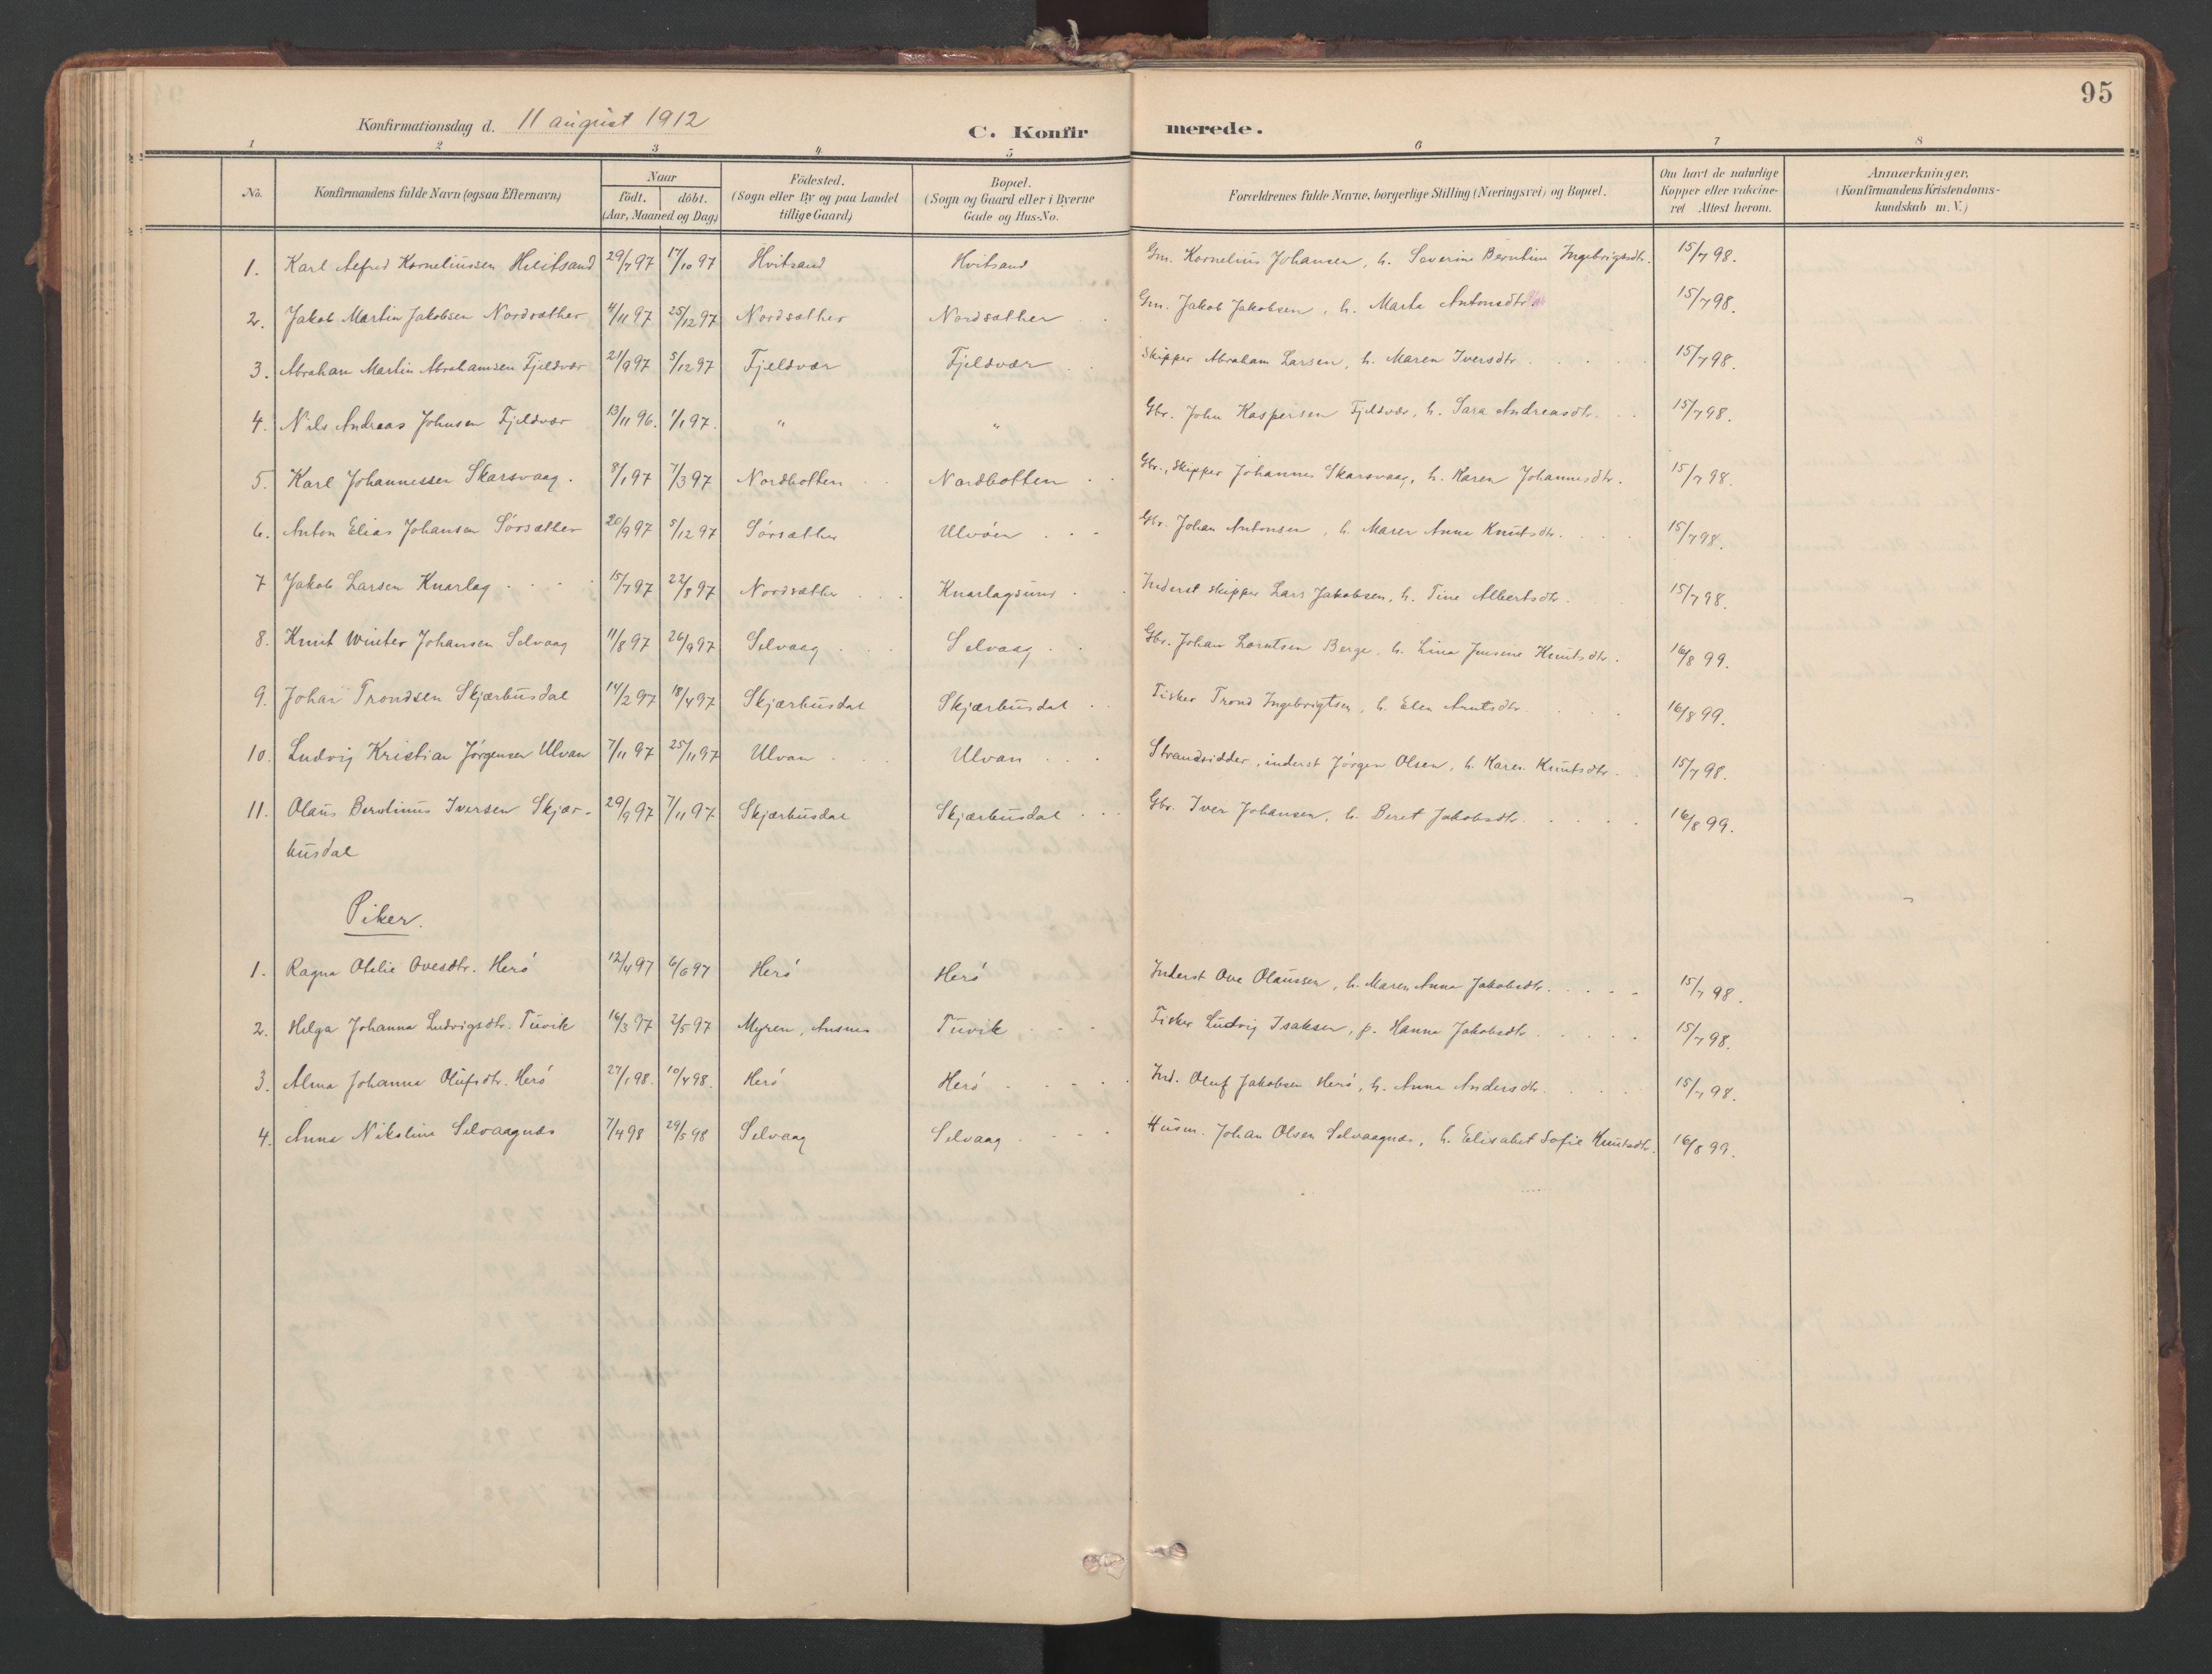 SAT, Ministerialprotokoller, klokkerbøker og fødselsregistre - Sør-Trøndelag, 638/L0568: Ministerialbok nr. 638A01, 1901-1916, s. 95